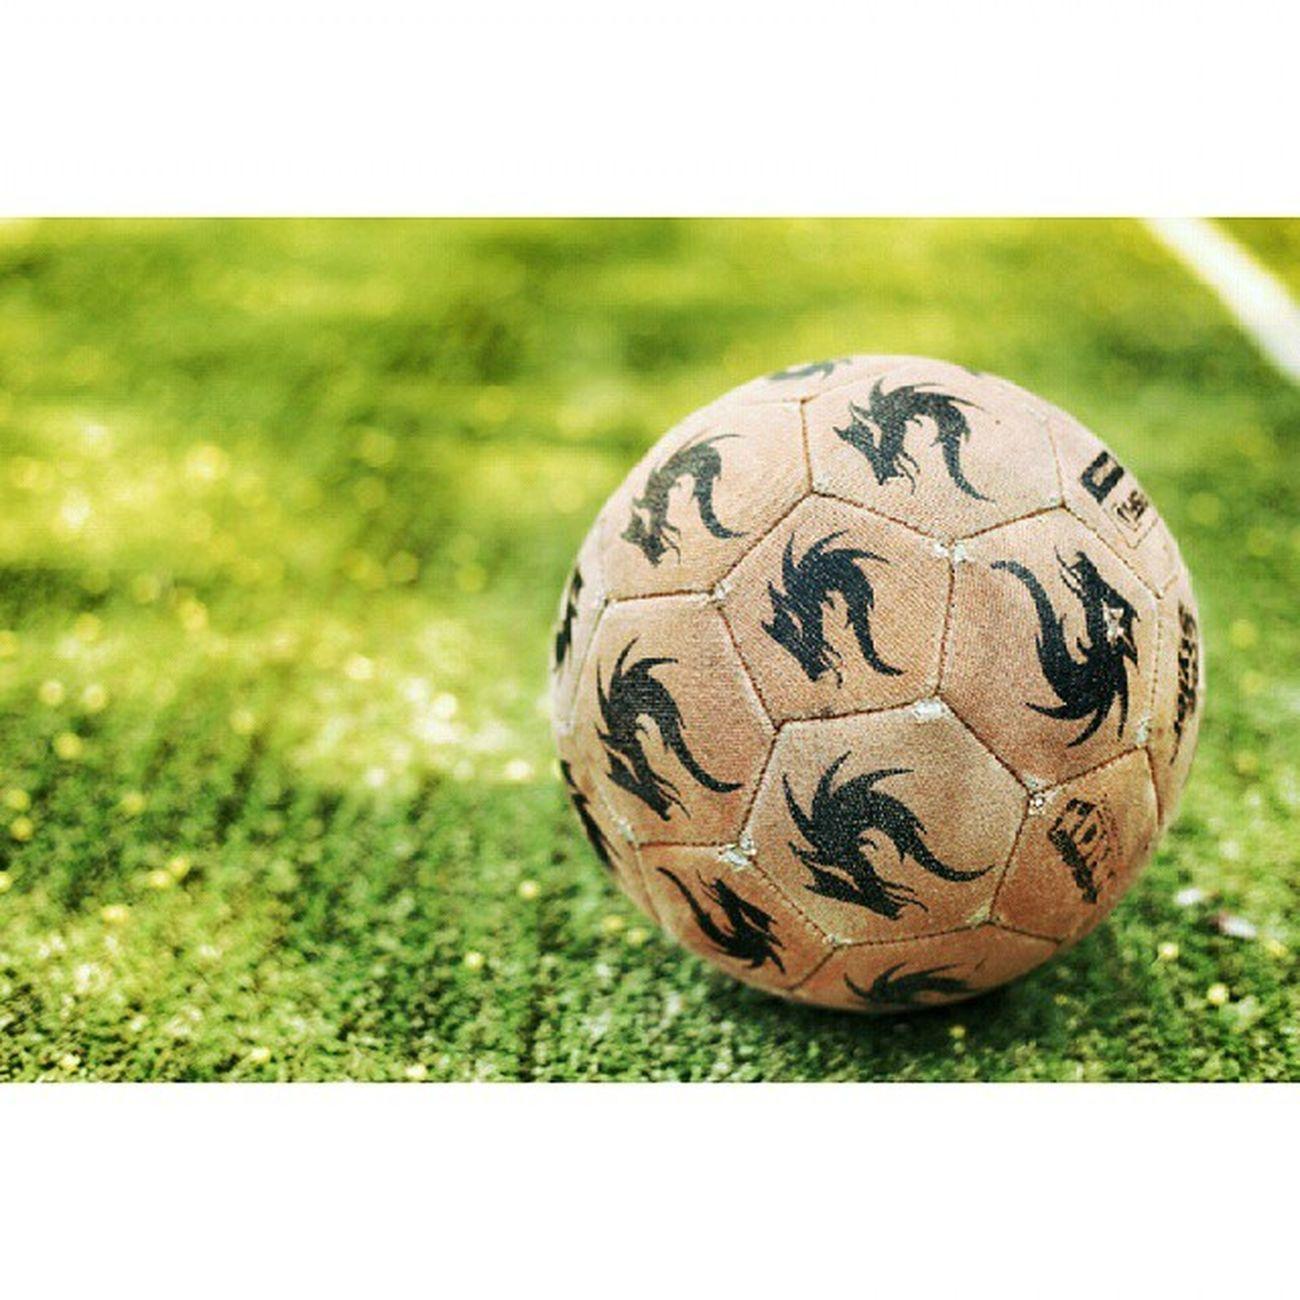 Monta Soccer Football Fifa Pes Wylogojsiedozycia Streetball Canon Canon6d Gtcompany